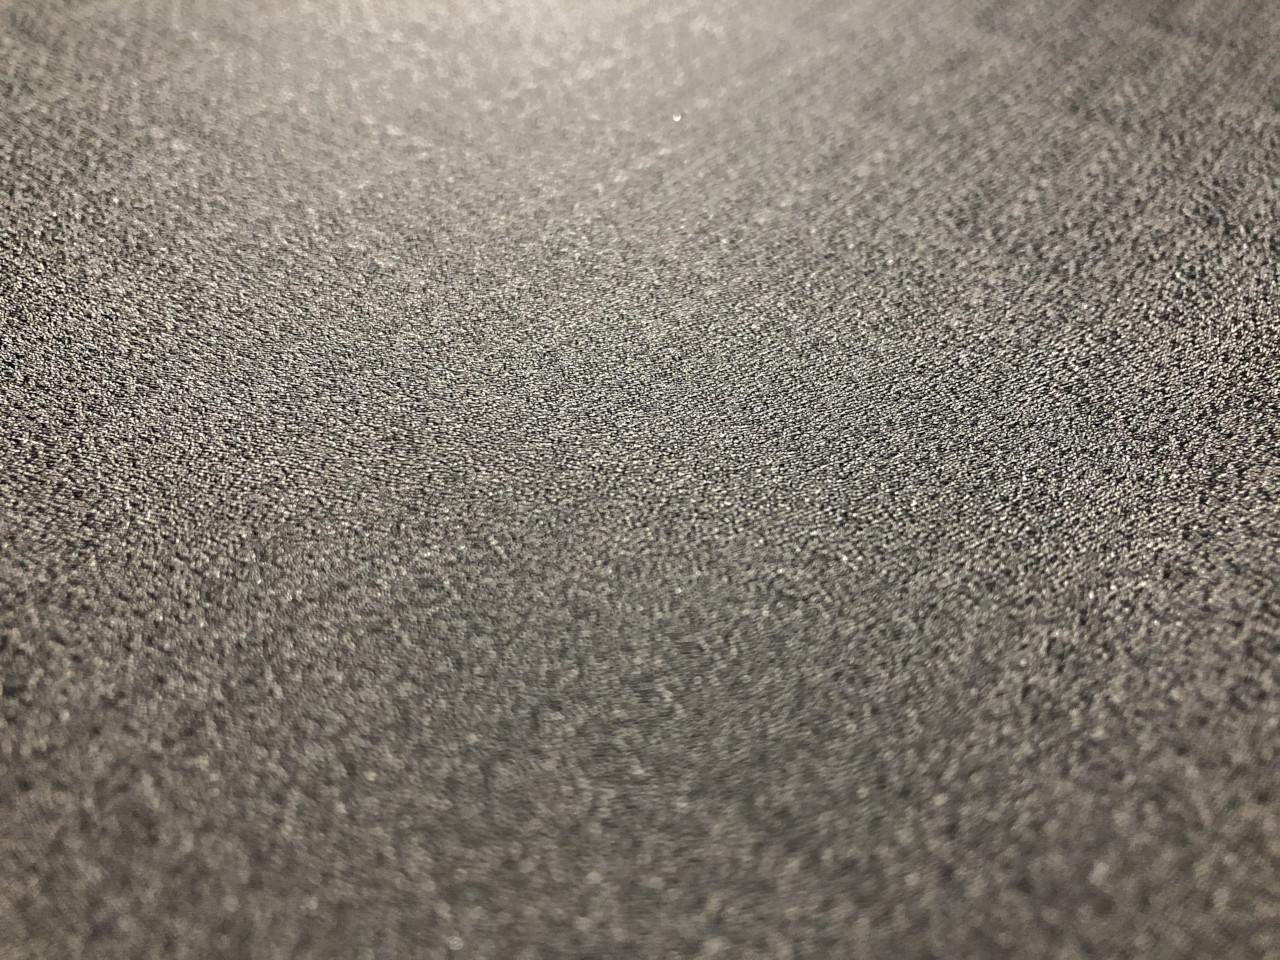 疾風乙(ハヤテオツ)-表面の質感比較2